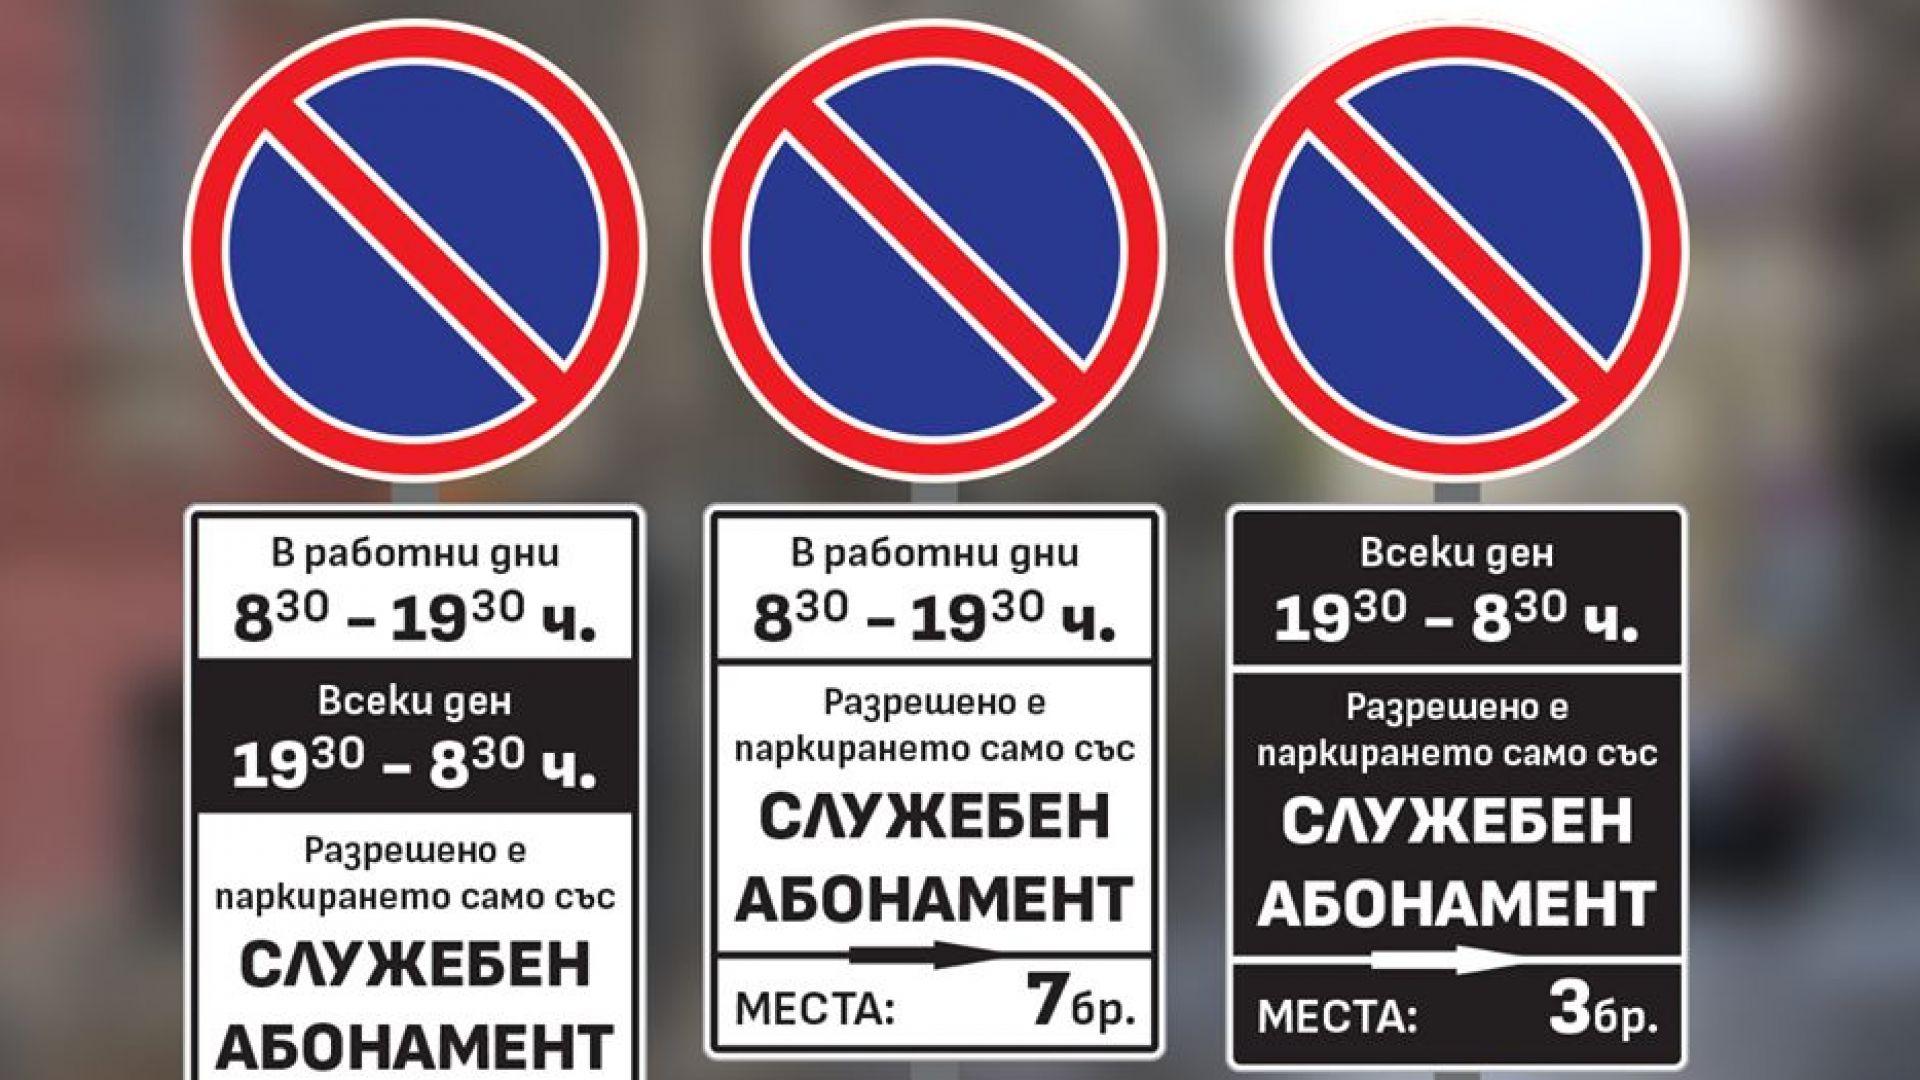 СОС ще решава дали да въведе абонамент за нощно паркиране